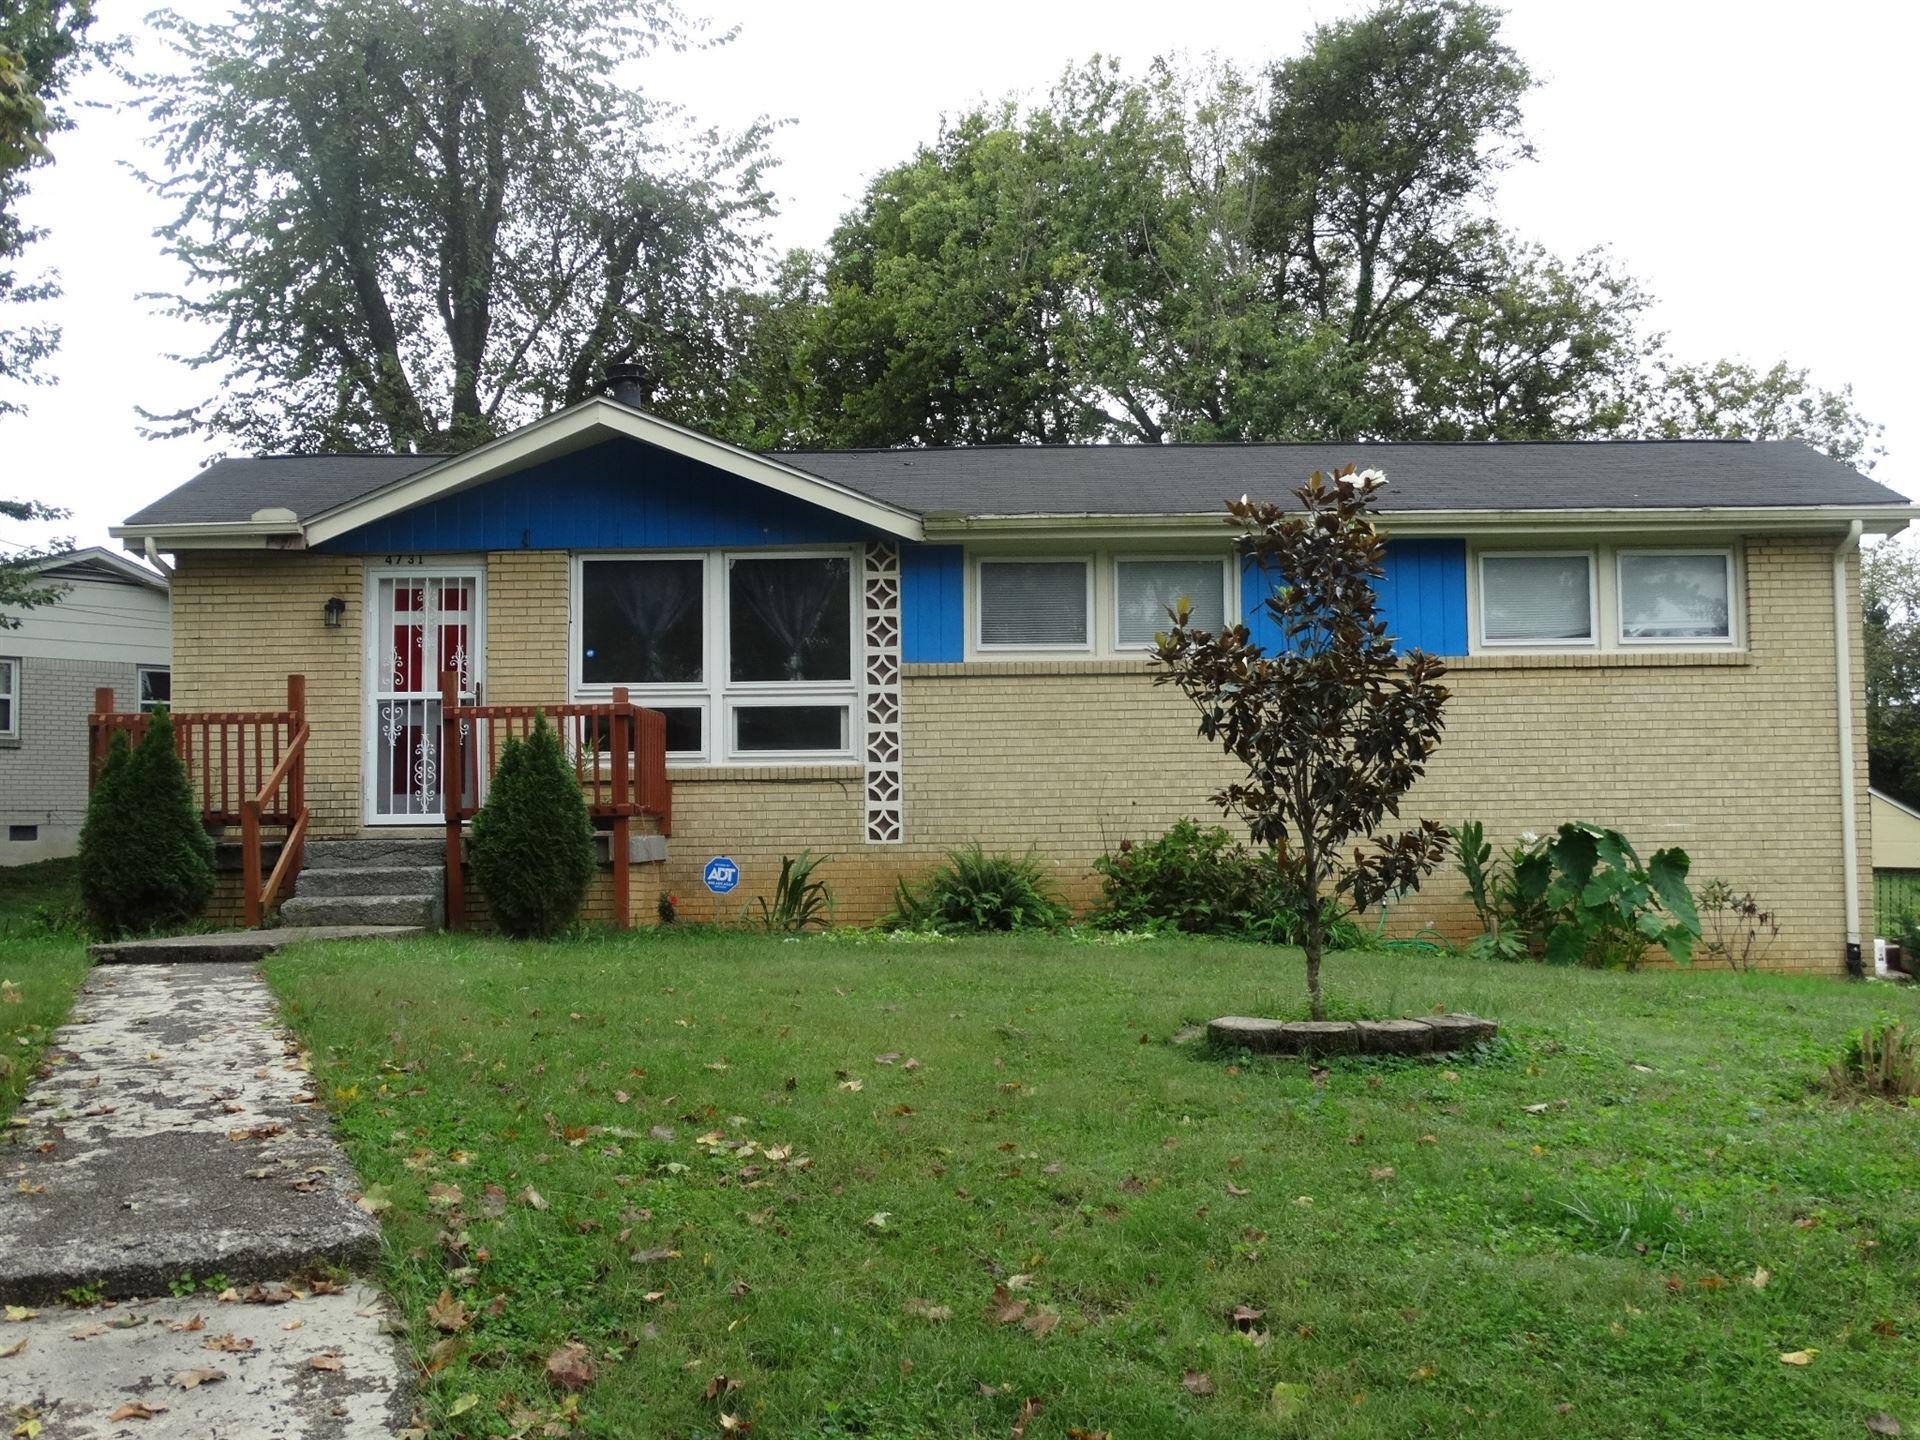 861 Irma Dr, Antioch, TN 37013 - MLS#: 2297813